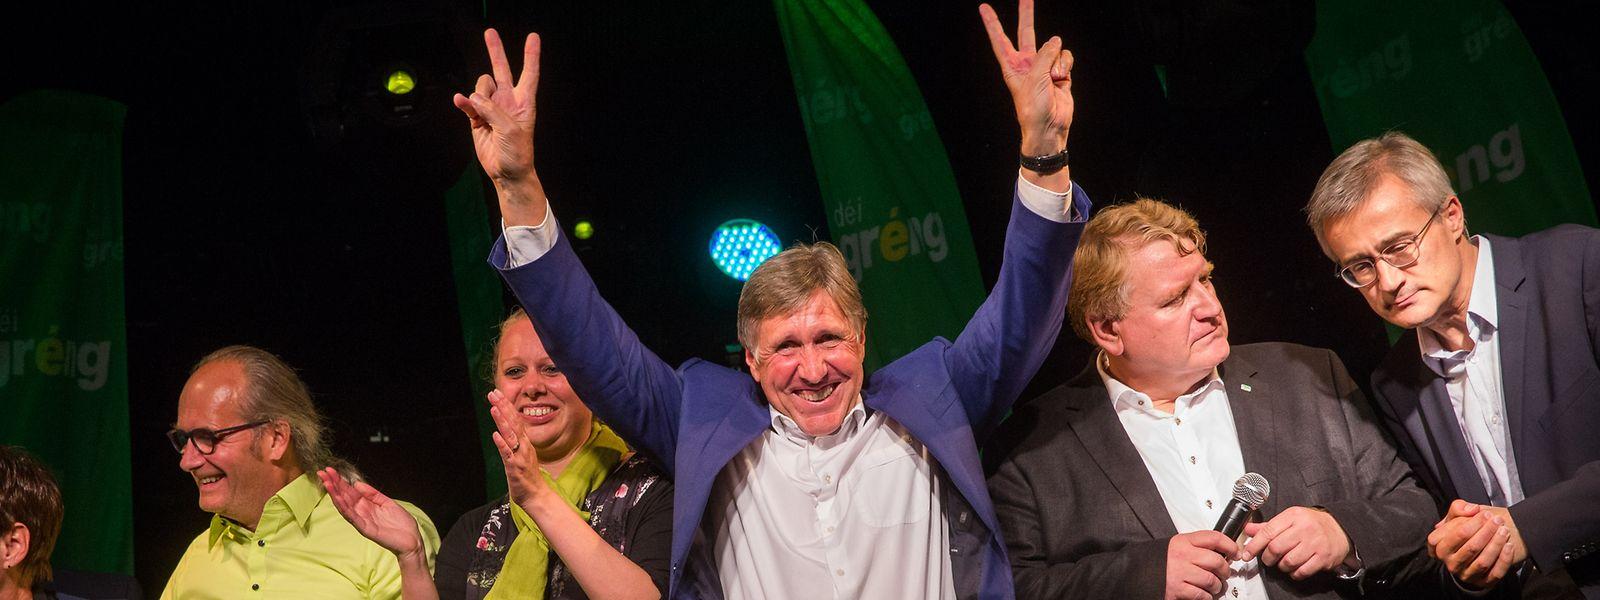 Grüner Jubel: Déi Gréng können mit drei Sitzgewinnen überzeugen und wollen wieder in die Regierung.